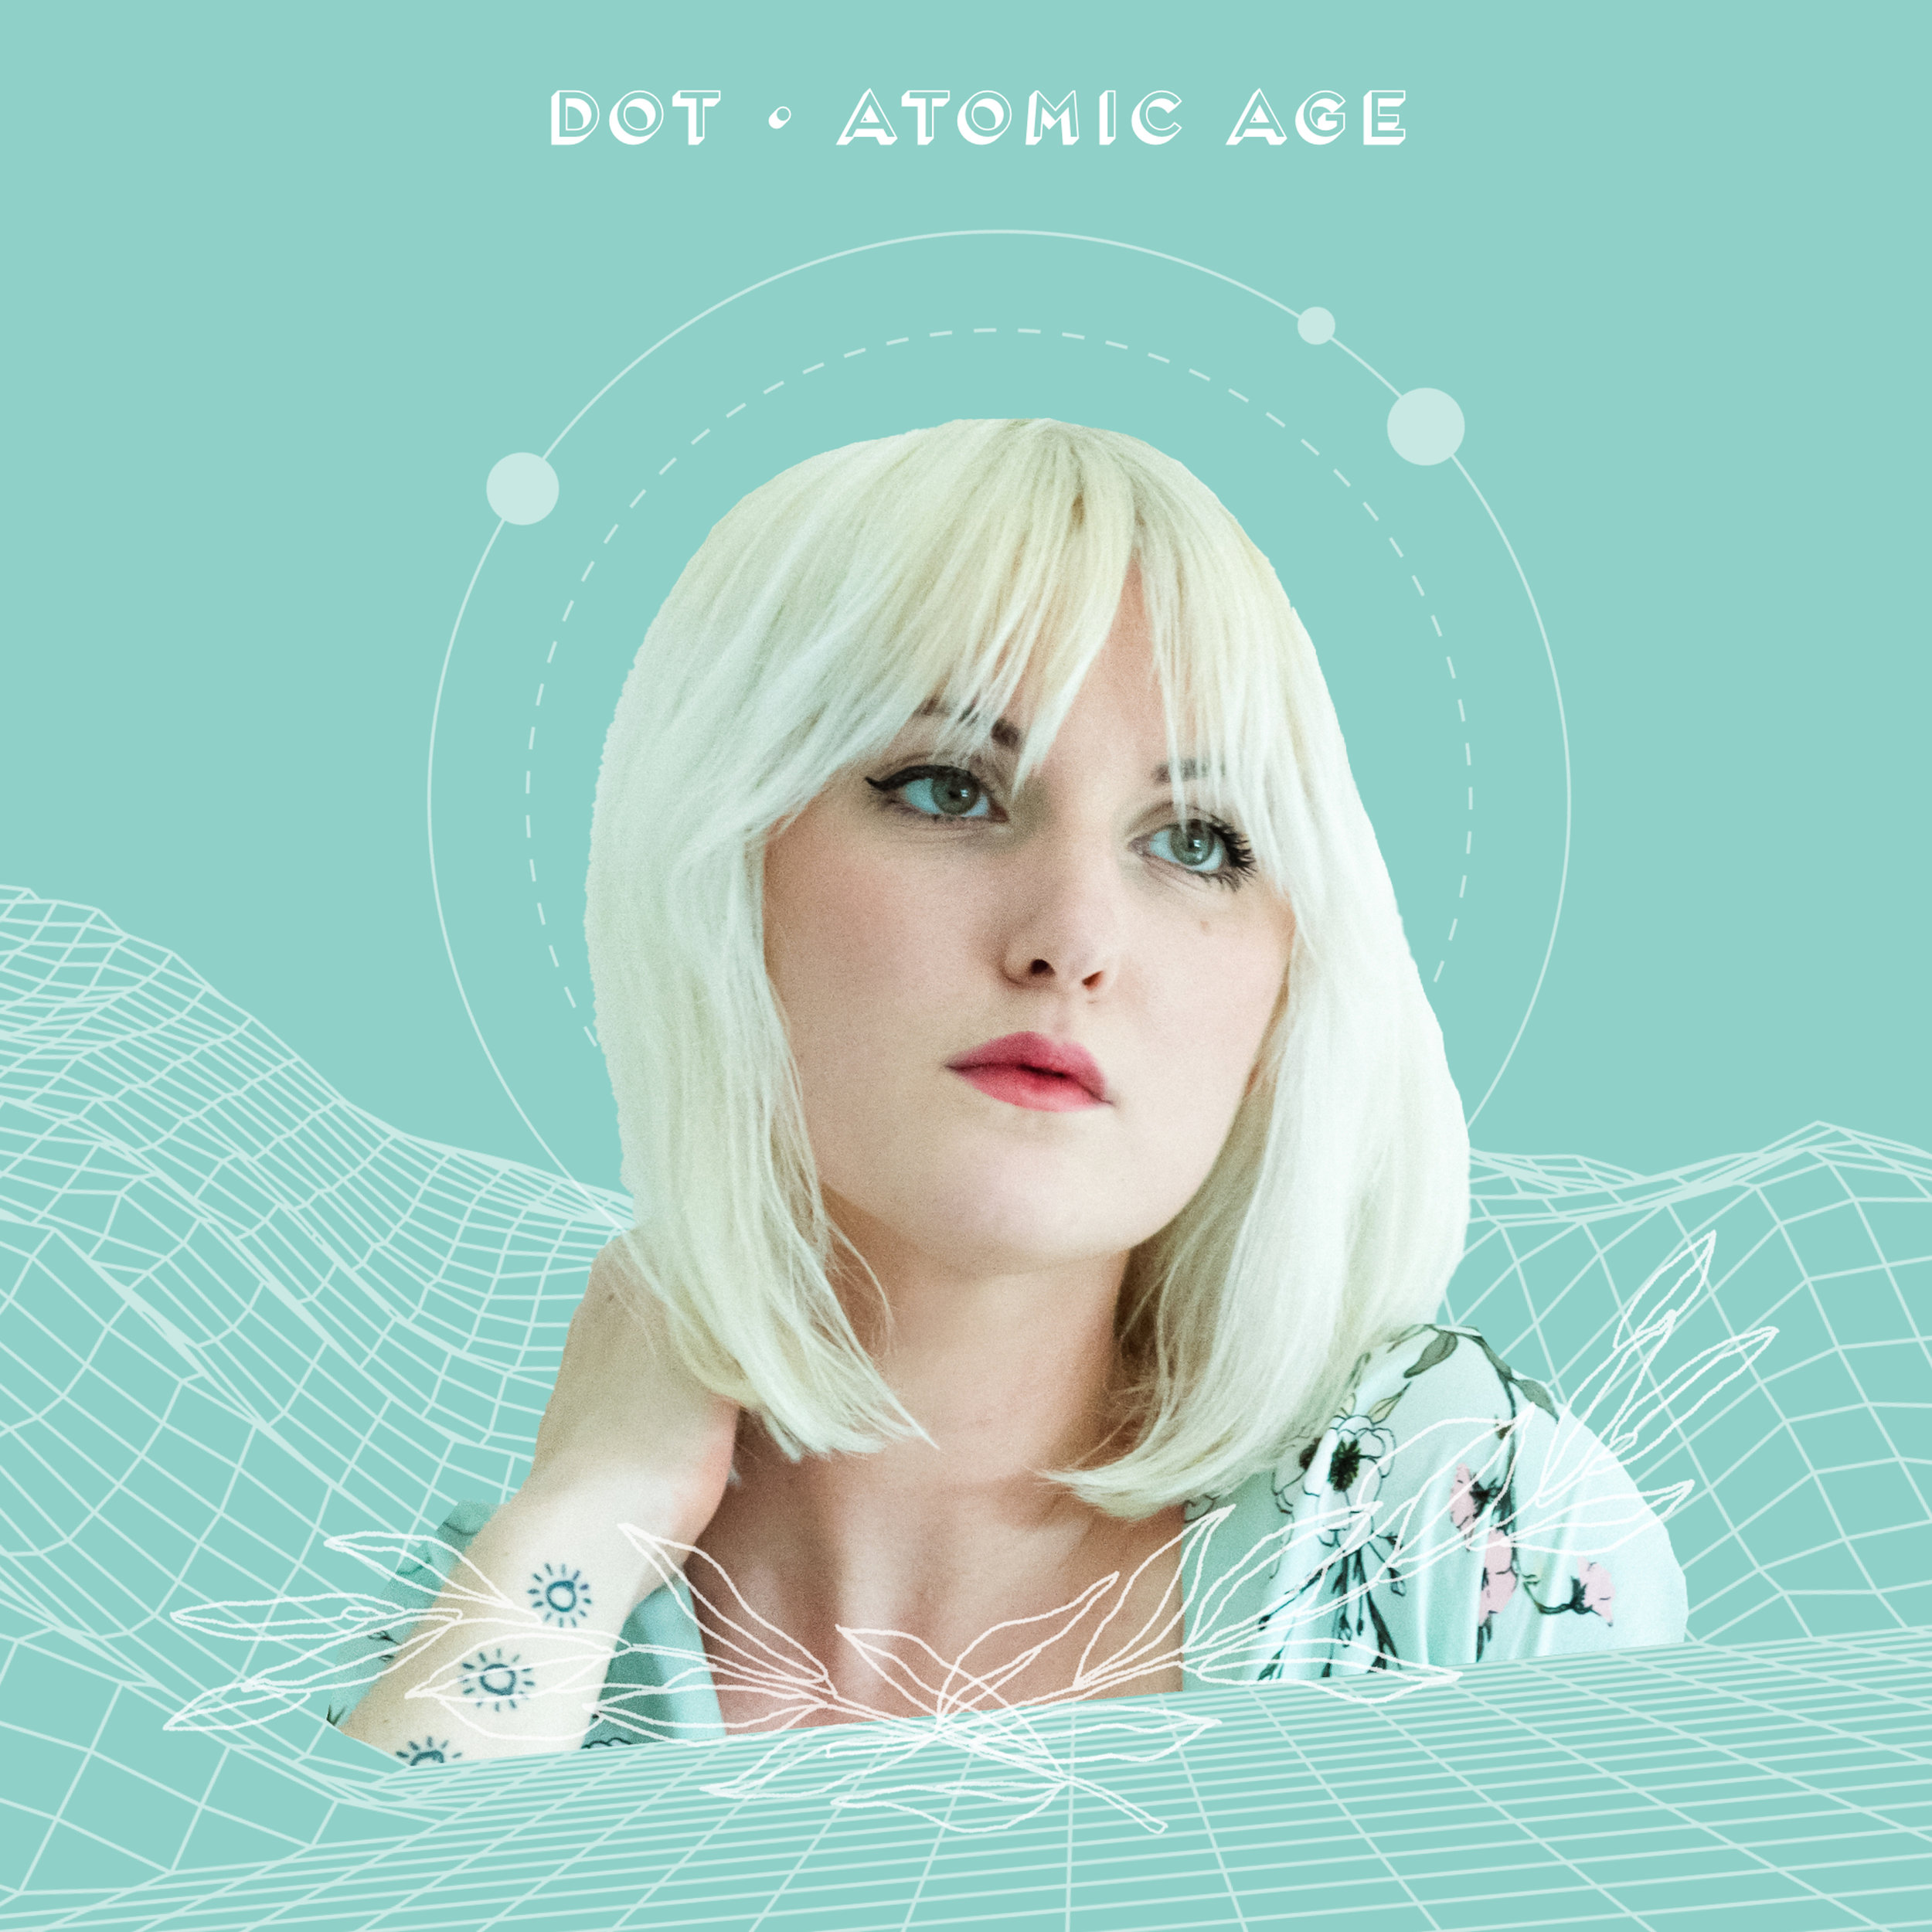 Dot - Atomic Age [ARTWORK].jpg